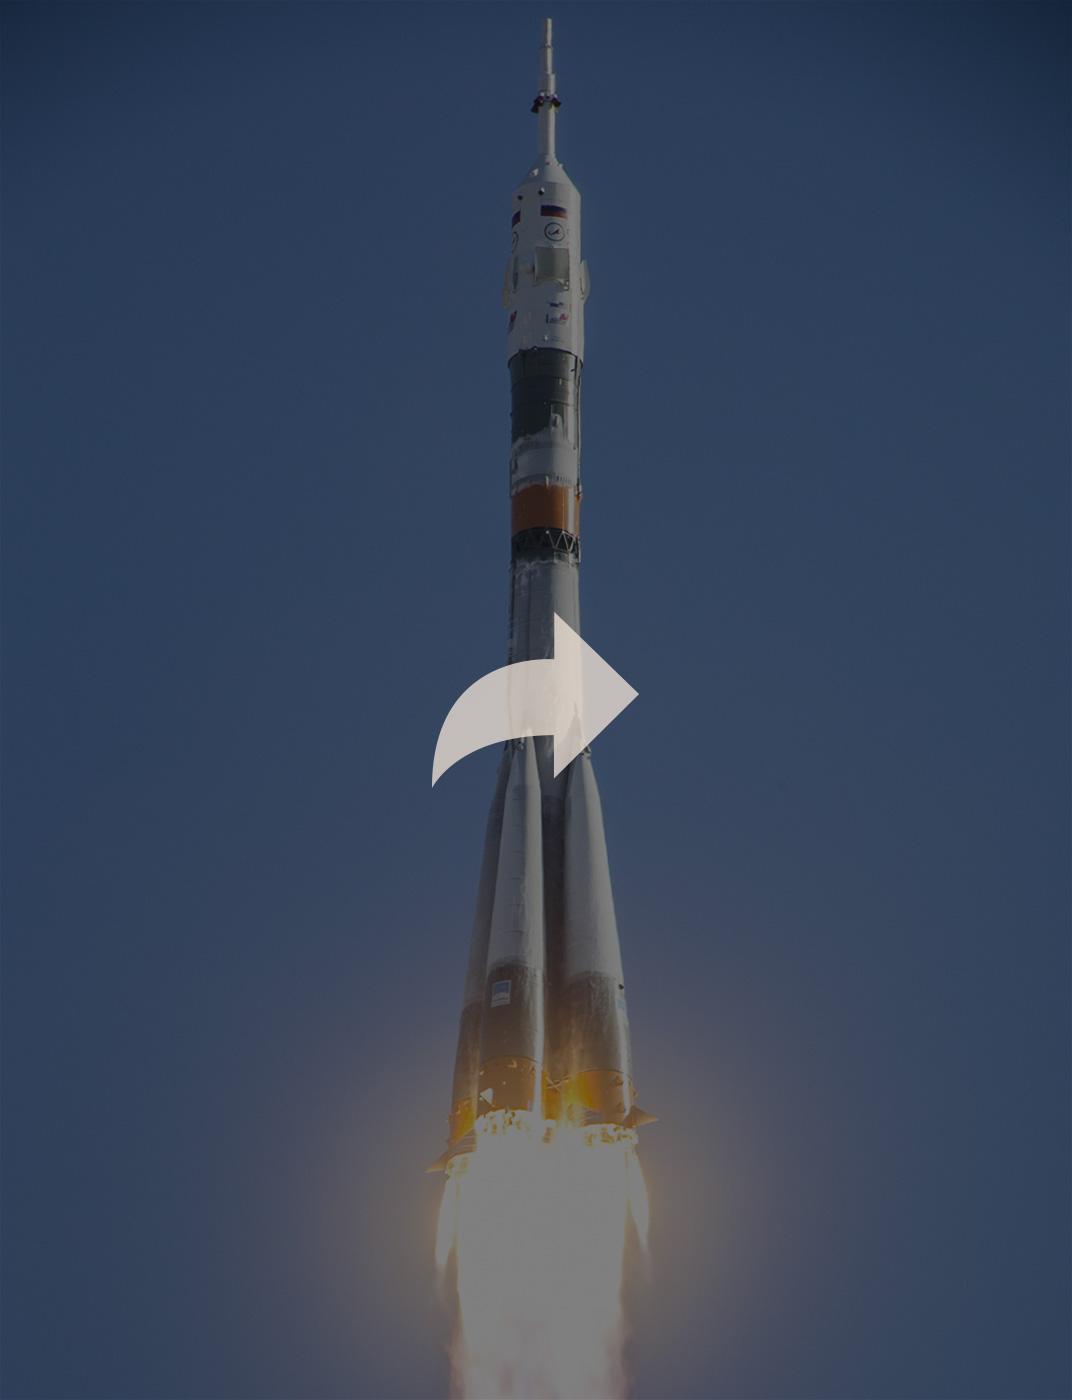 Soiuz rocket launching, Baikonur 2010, Kazakhstan, ракета, Союз